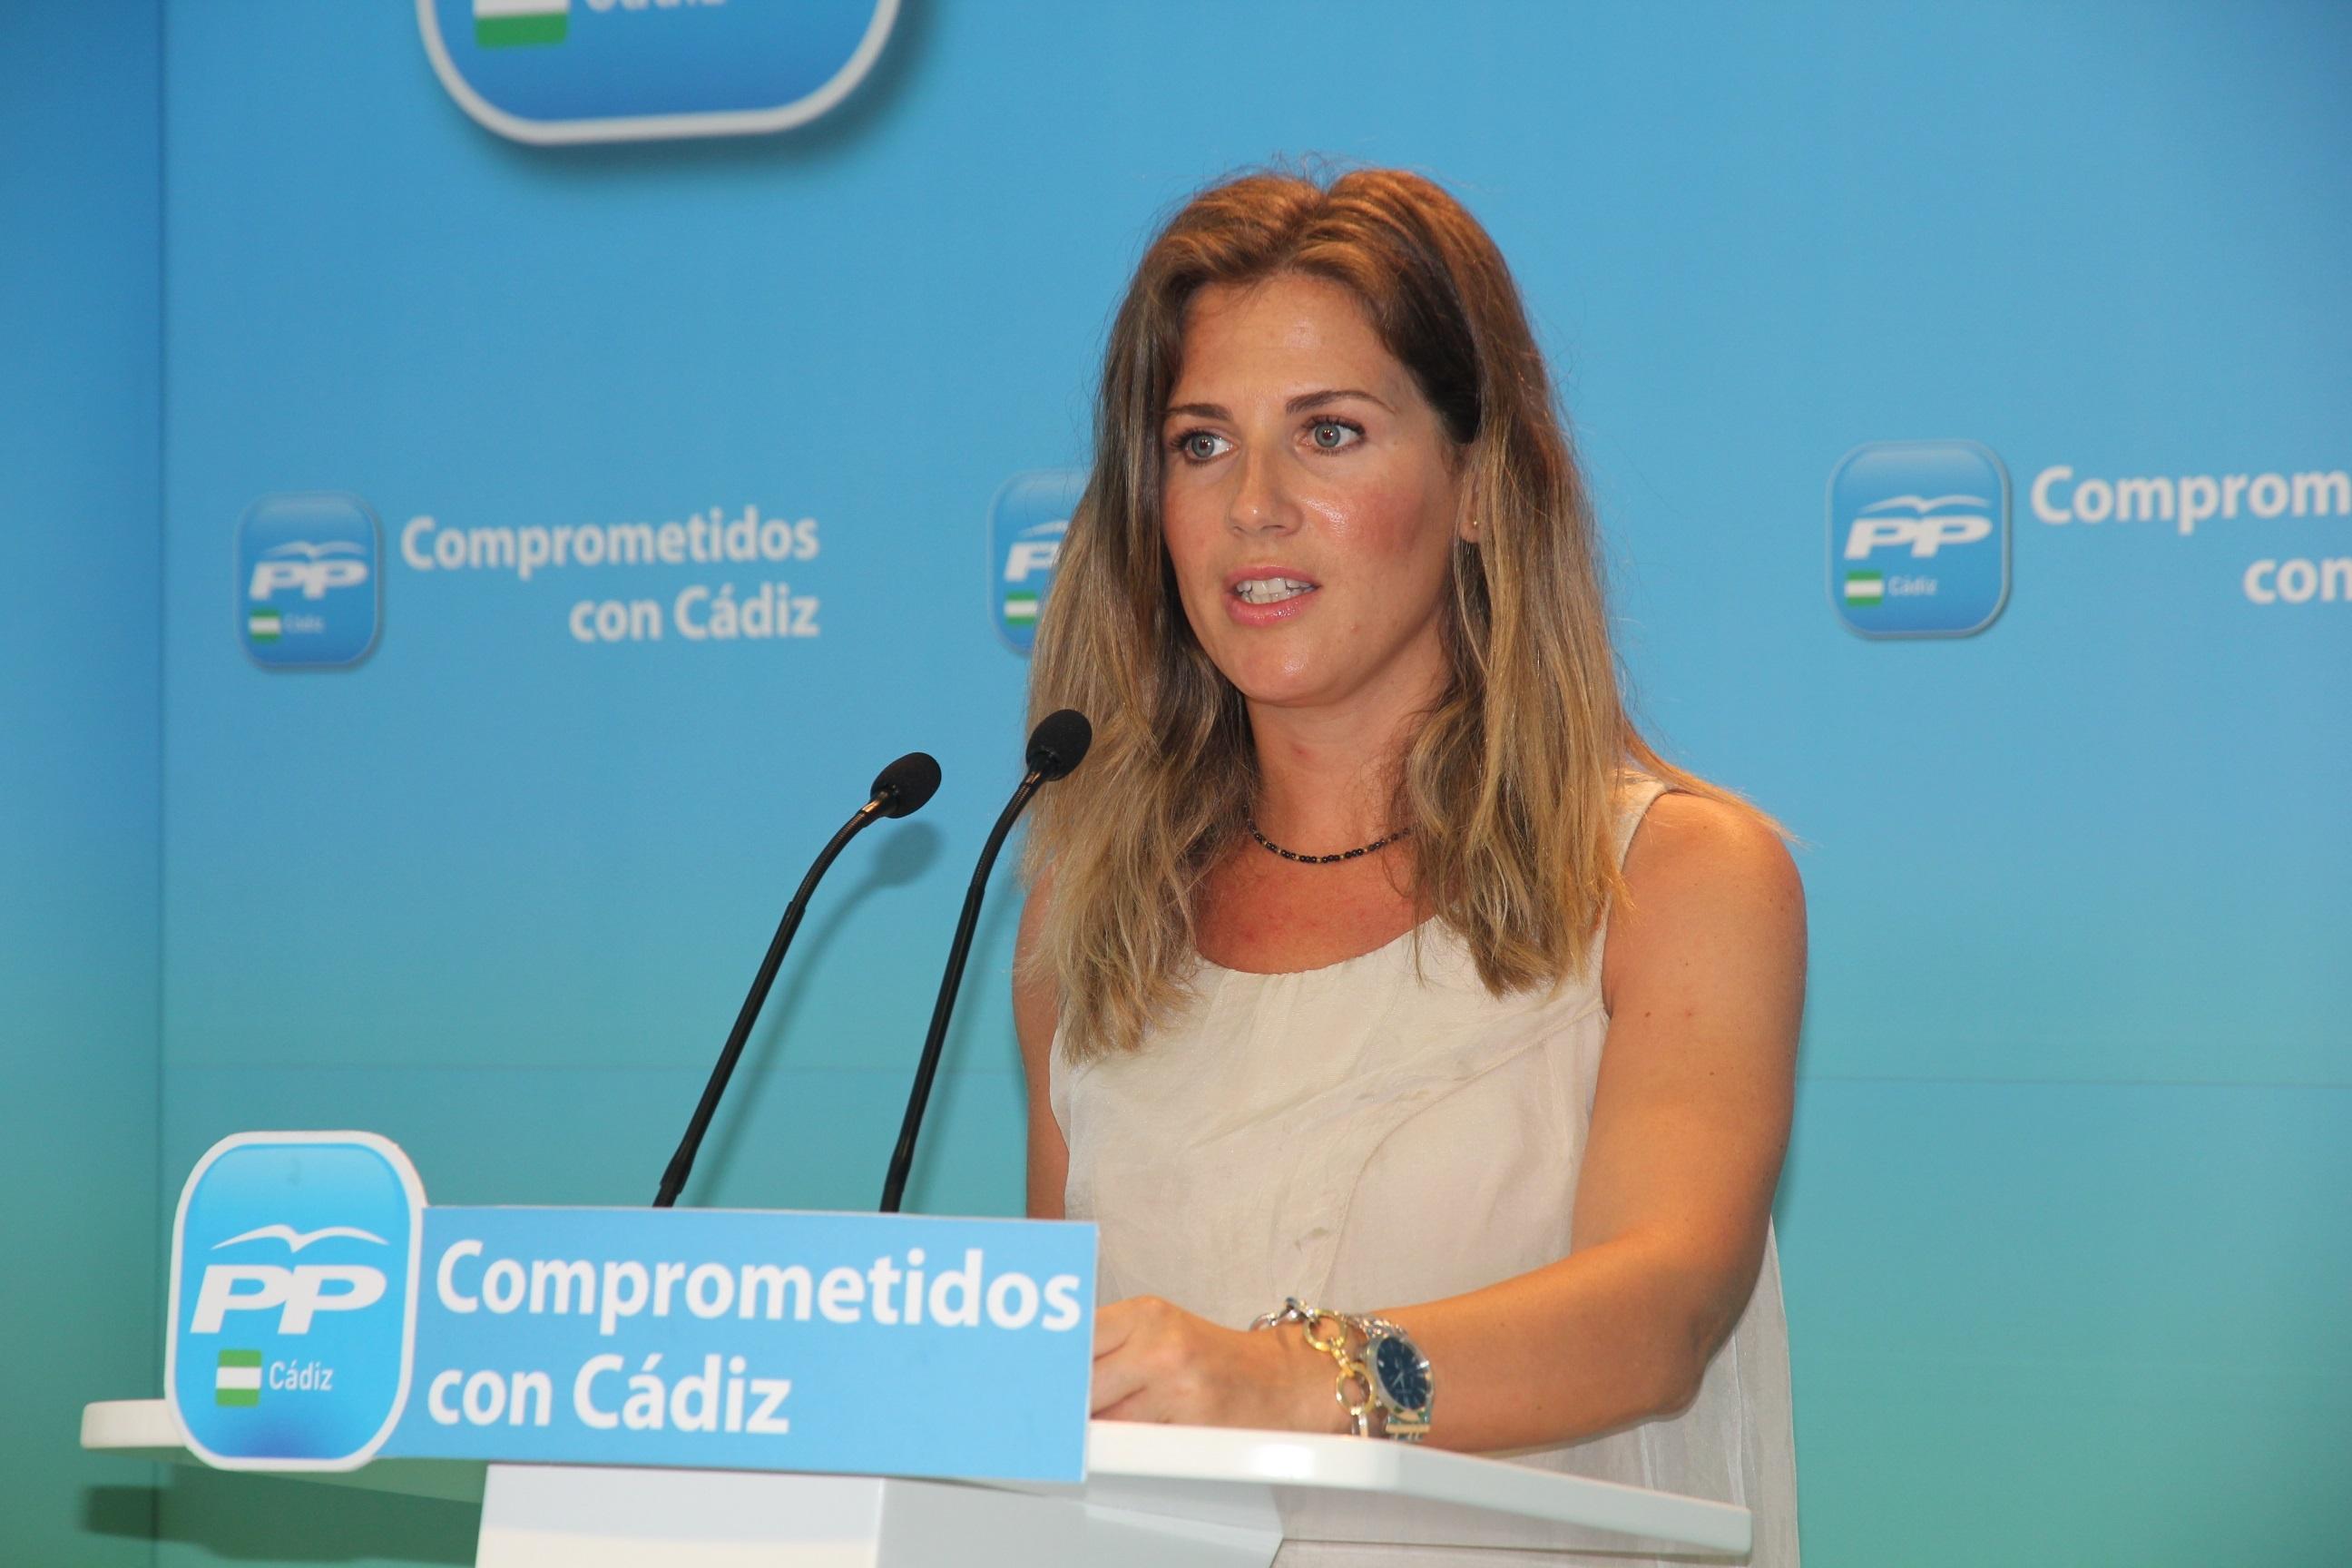 La portavoz del PP de Cádiz, Ana Mestre, candidata a la alcaldía de Sanlúcar de Barrameda